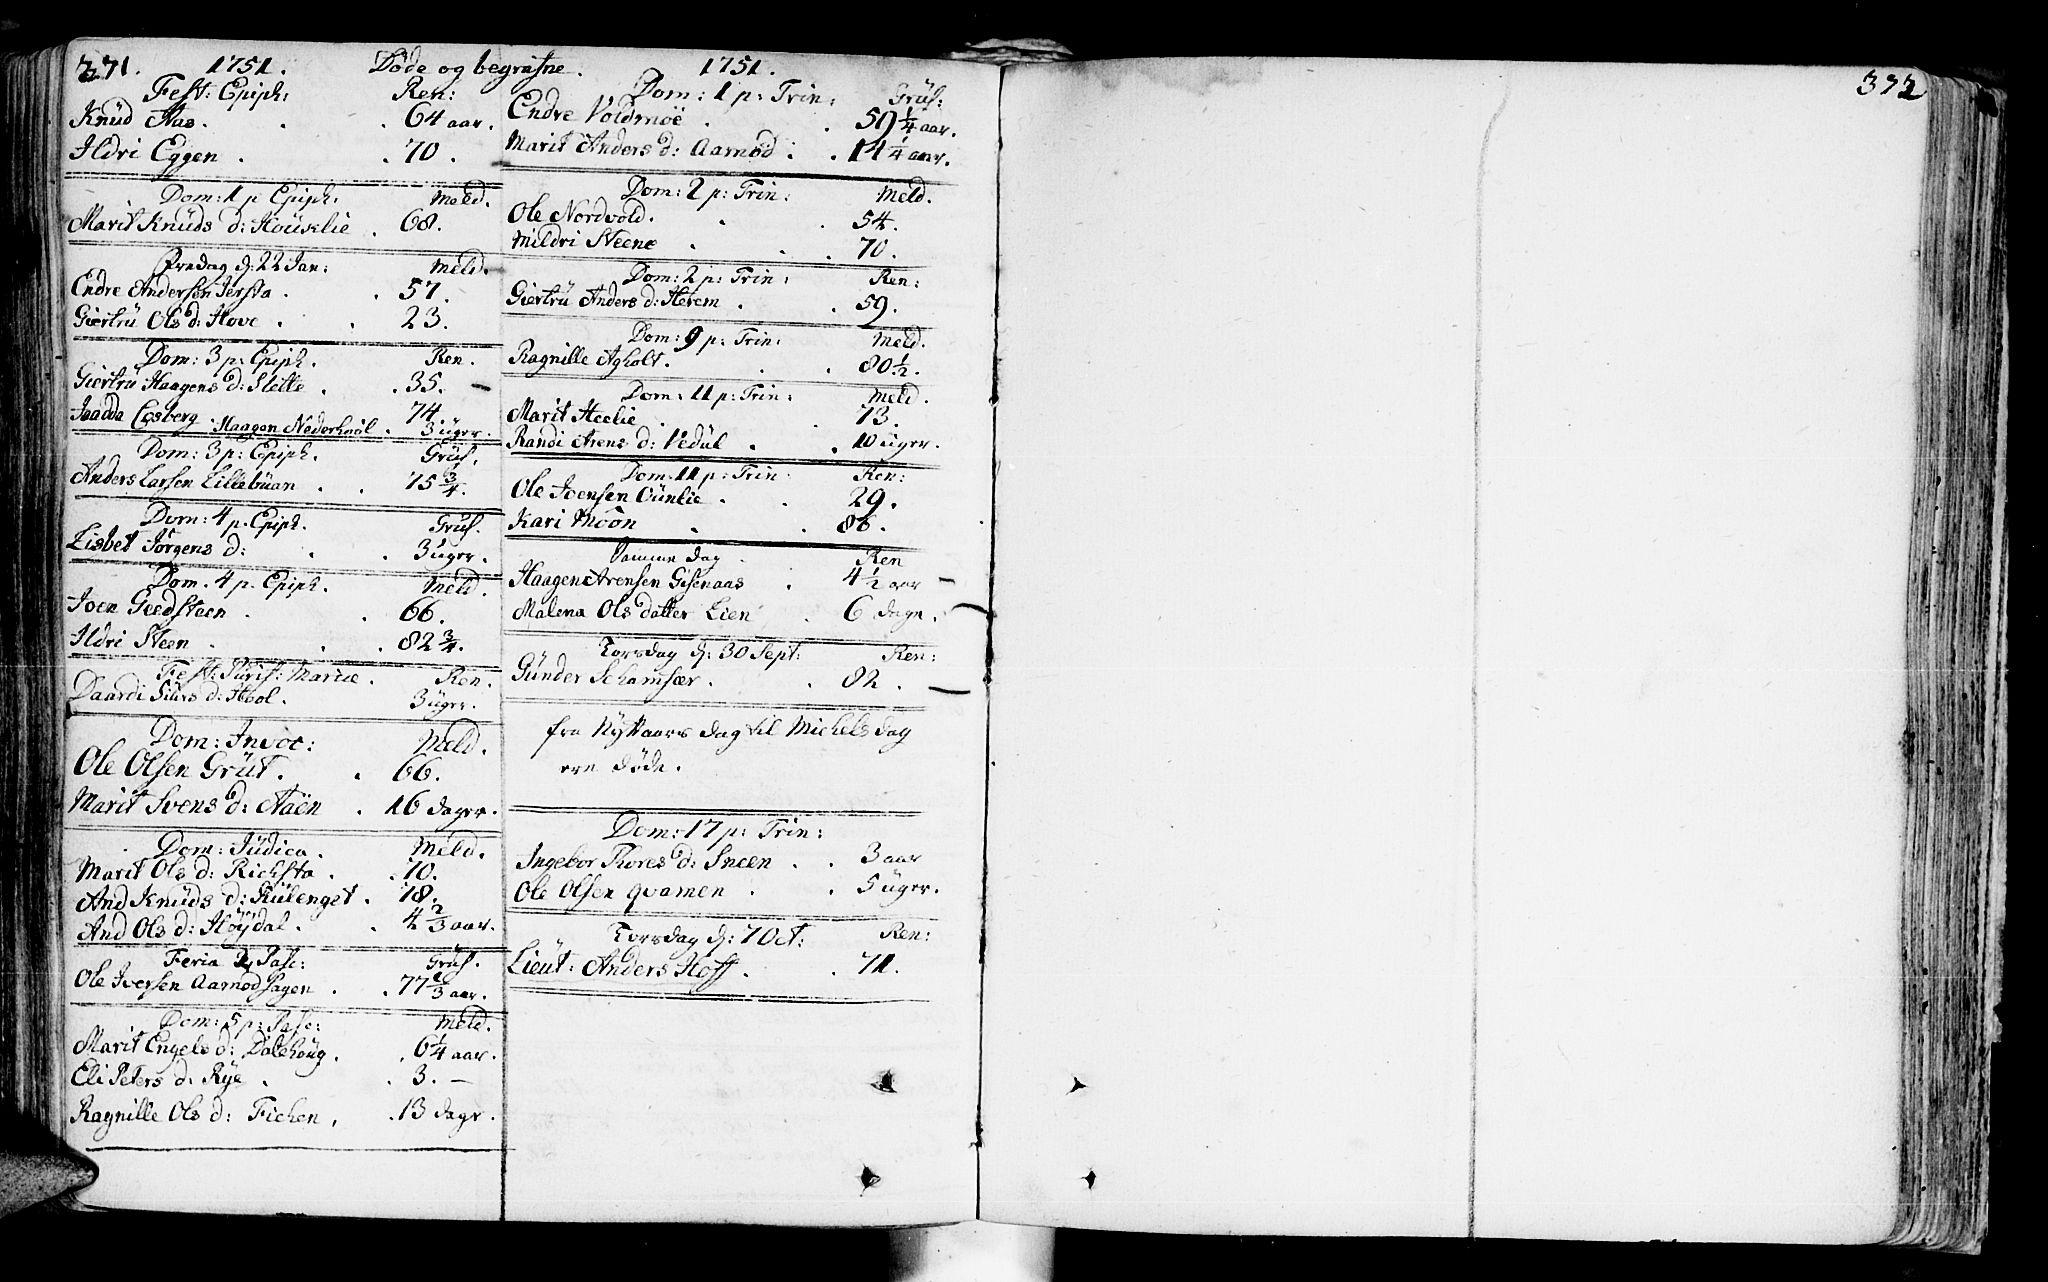 SAT, Ministerialprotokoller, klokkerbøker og fødselsregistre - Sør-Trøndelag, 672/L0850: Ministerialbok nr. 672A03, 1725-1751, s. 371-372